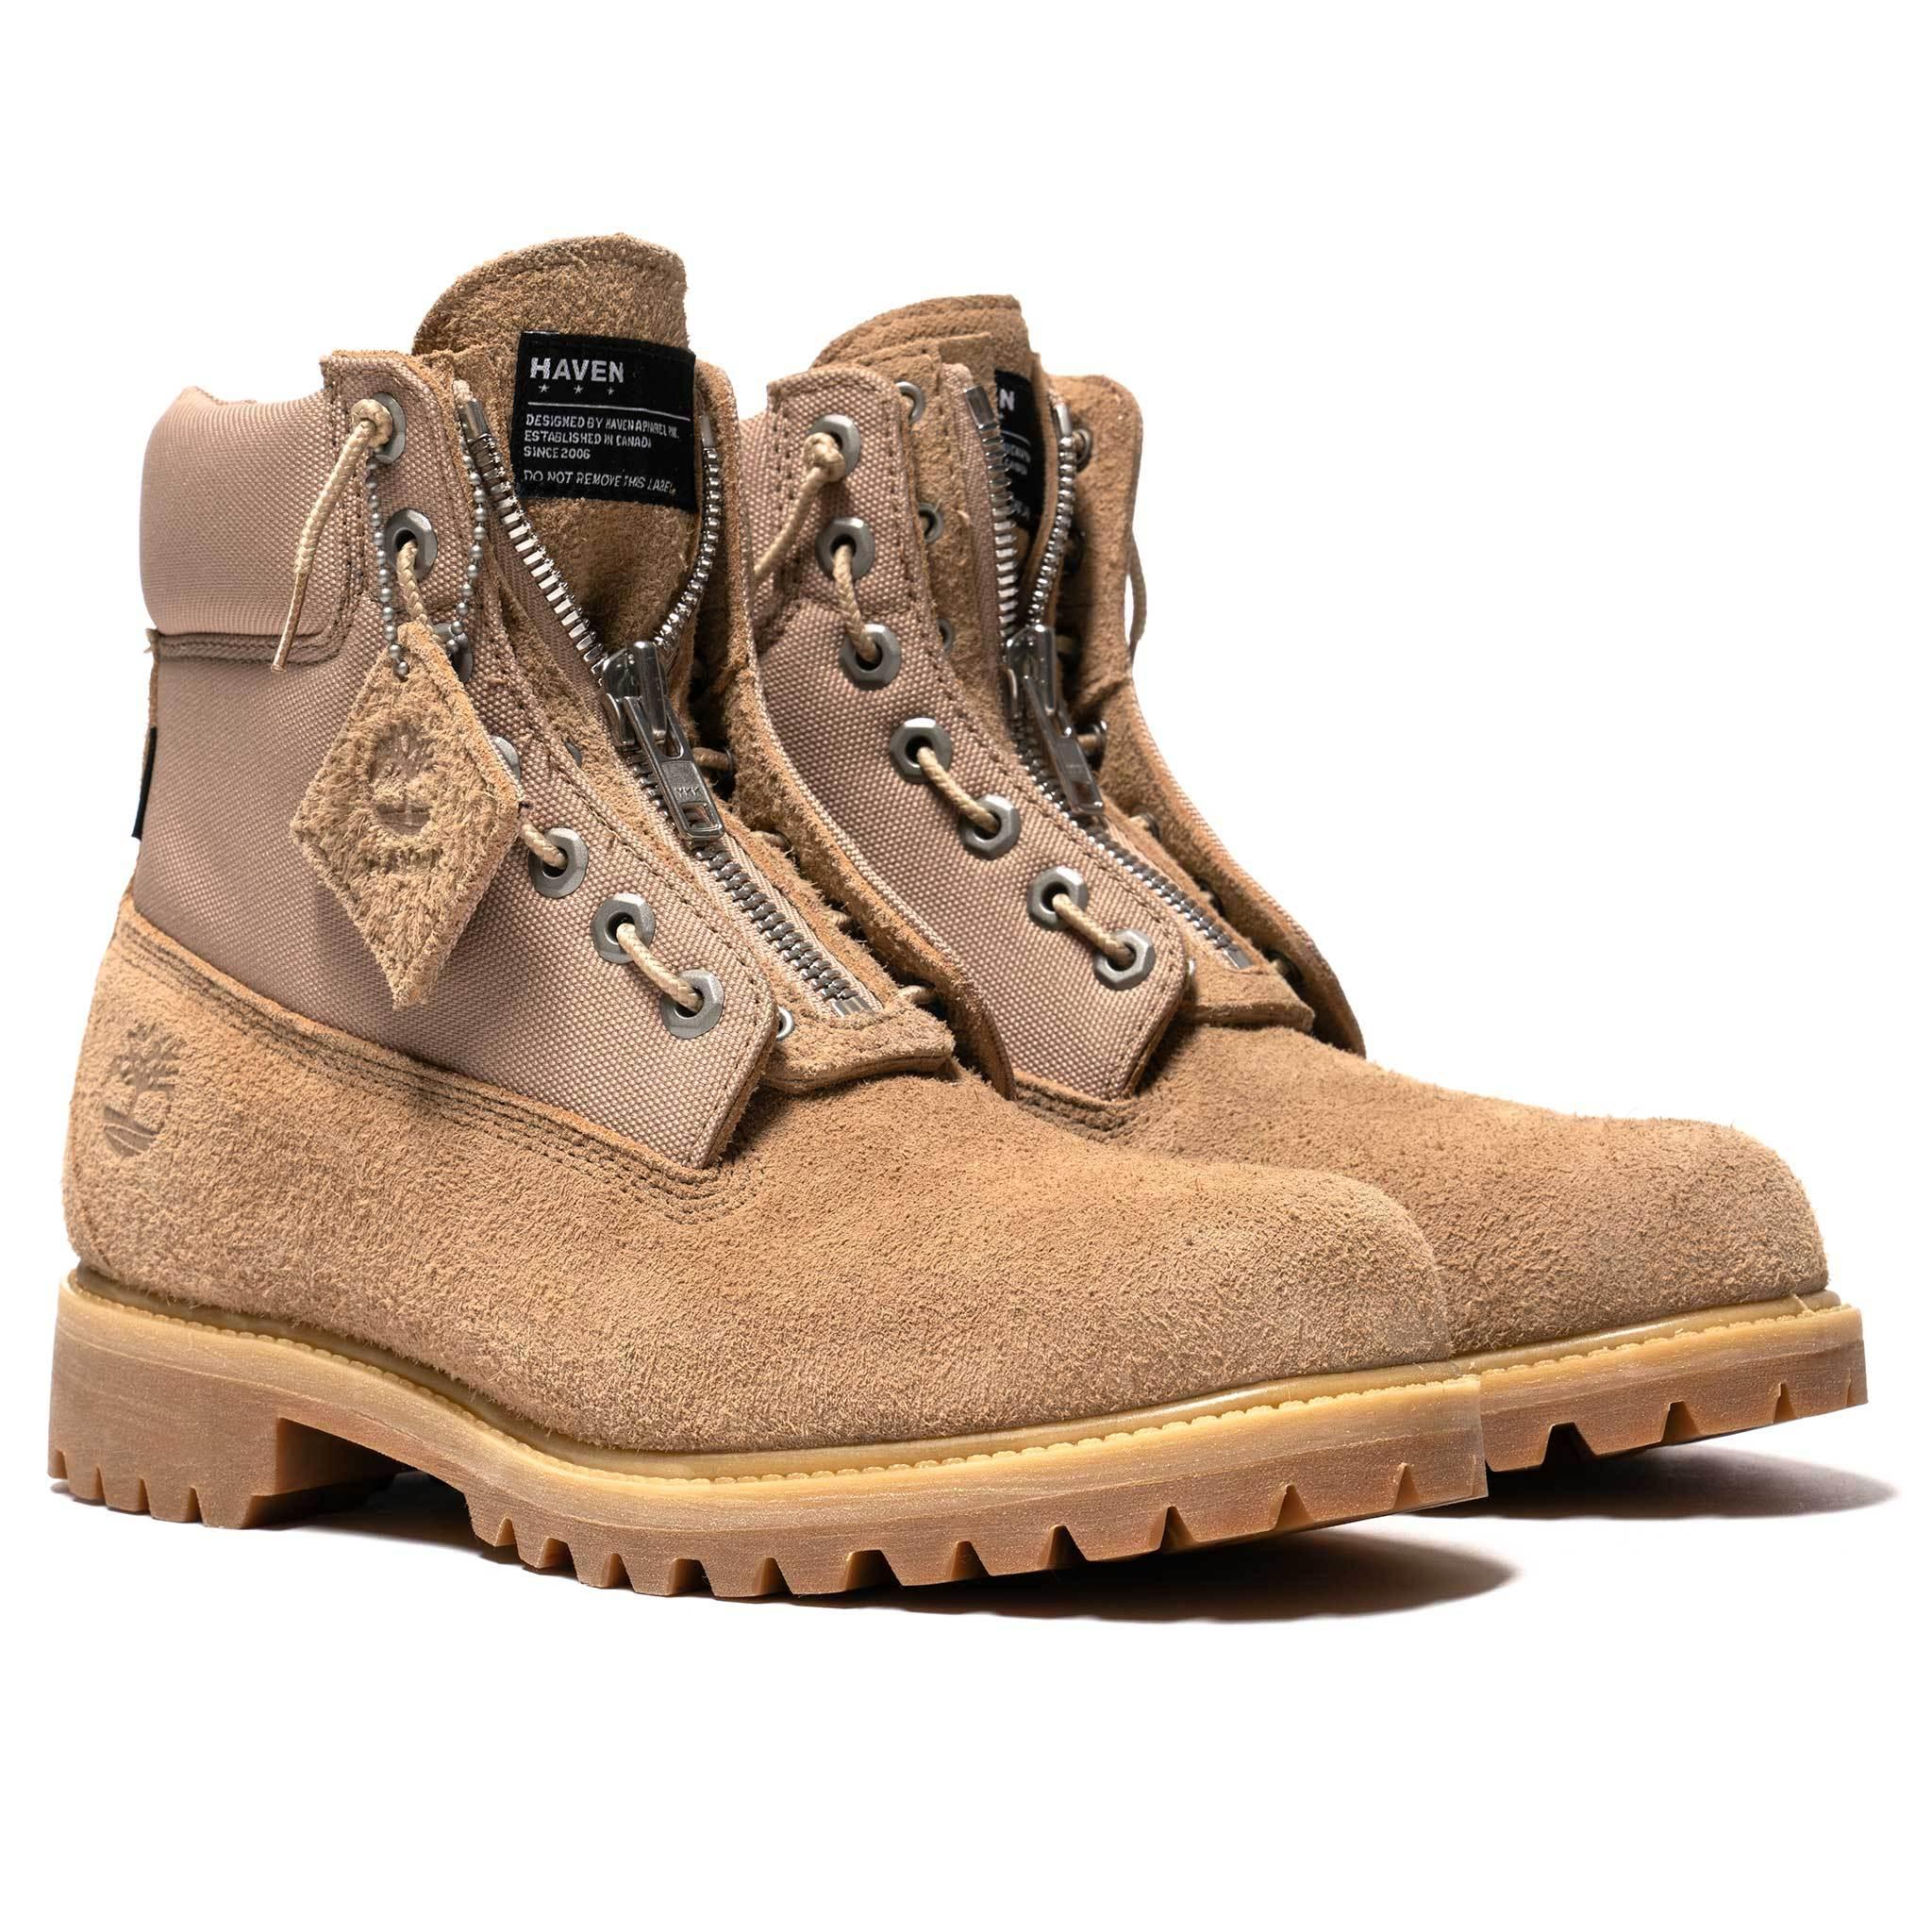 1c070ff1cc74e Haven rivisita i classici boots Timberland con una versione da urlo